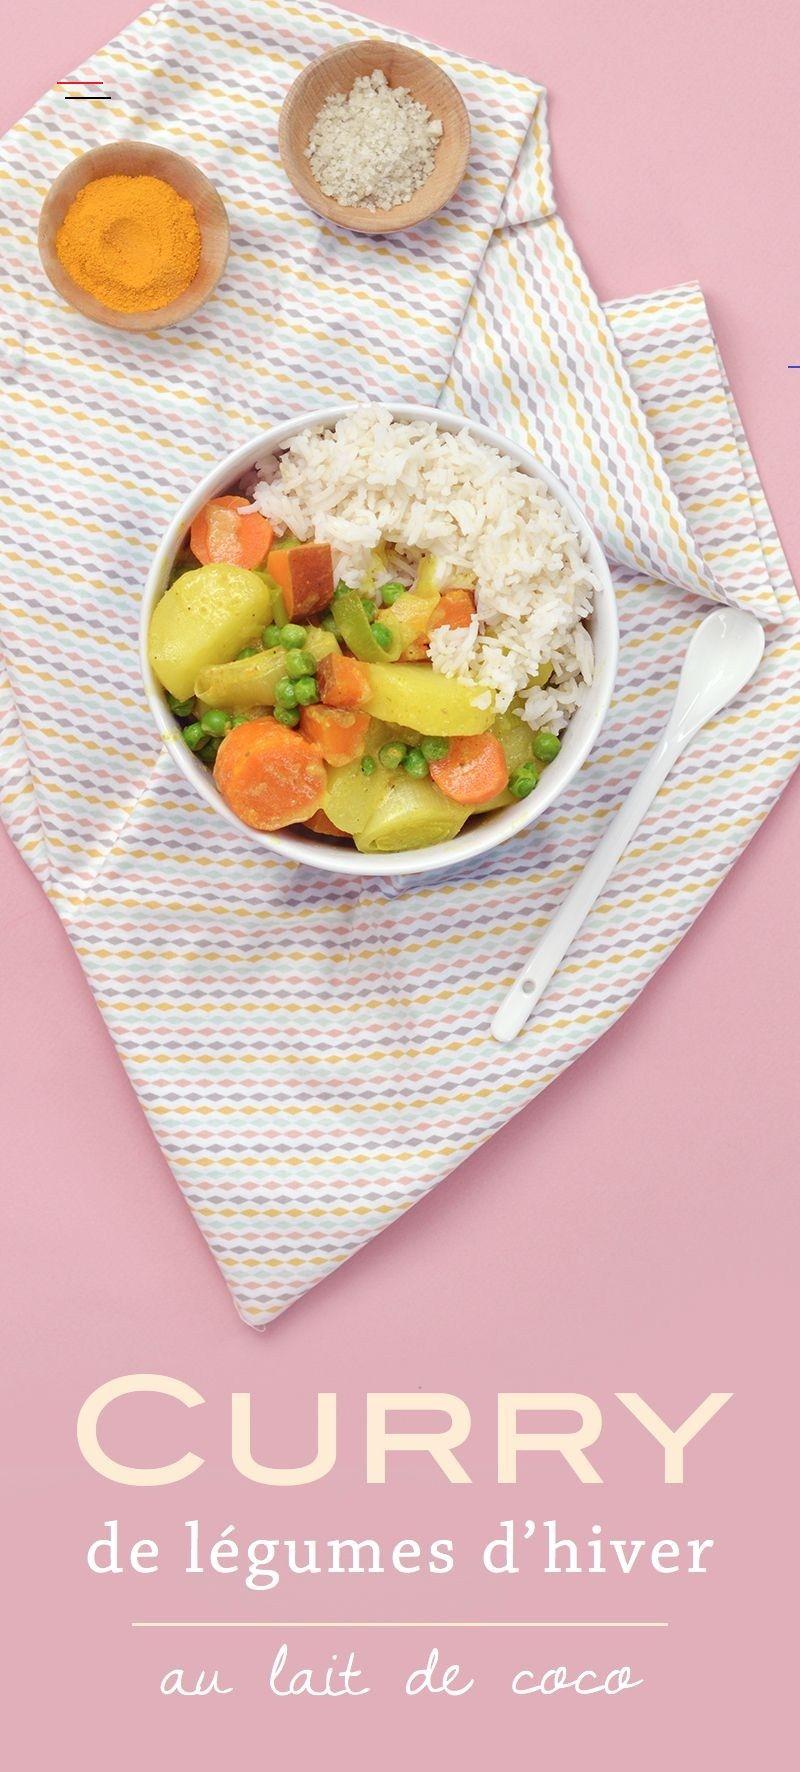 Curry de légumes d'hiver au lait de coco (vegan, sans